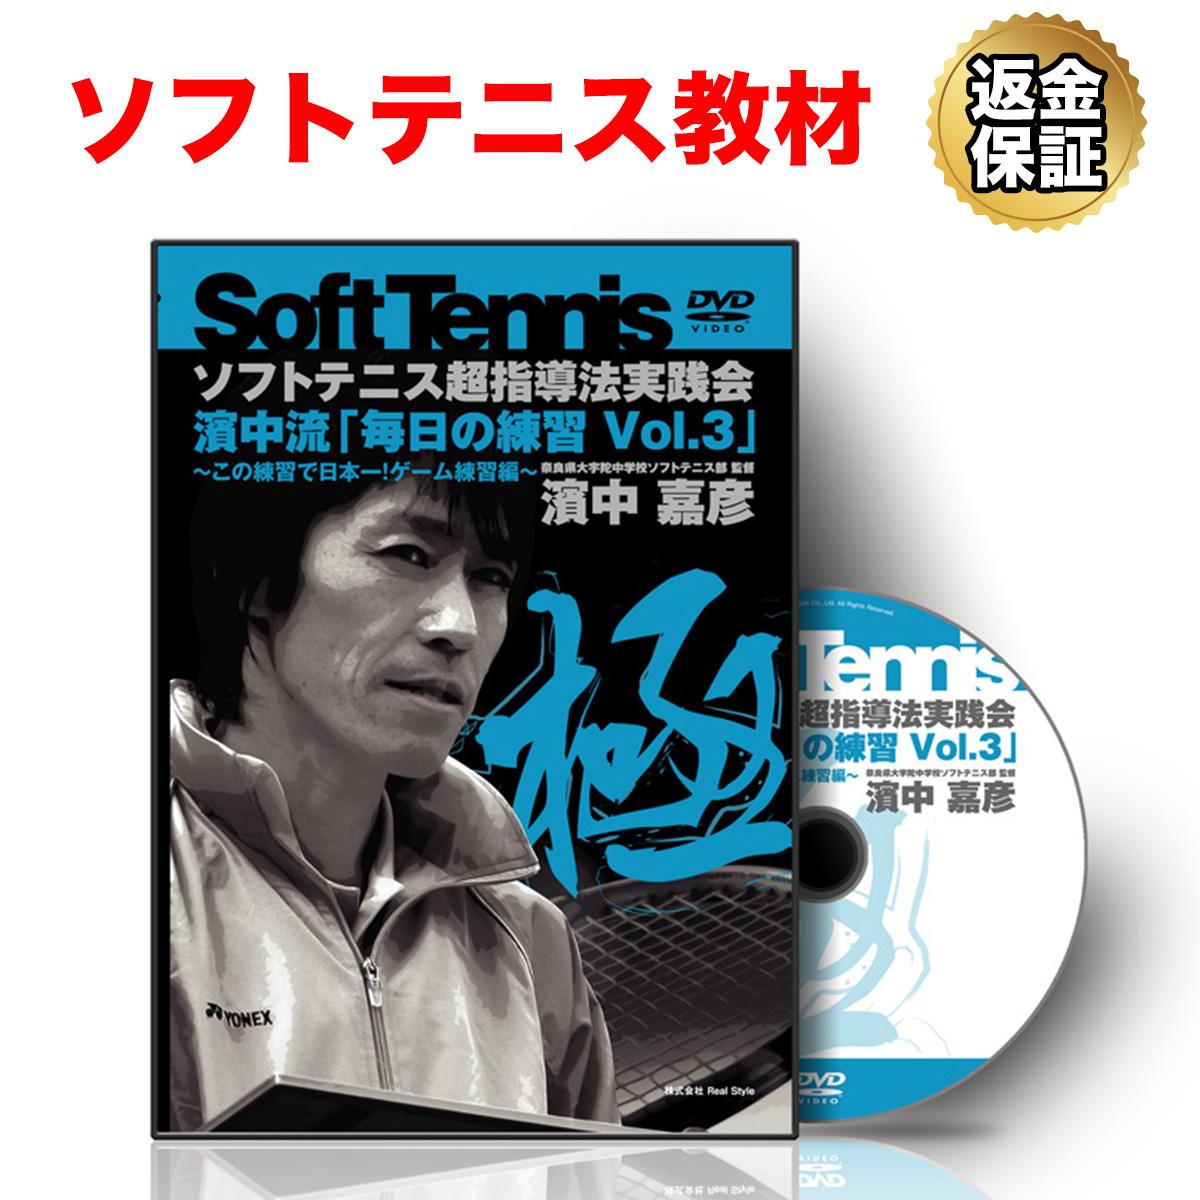 【ソフトテニス】濱中流「毎日の練習 Vol.3」